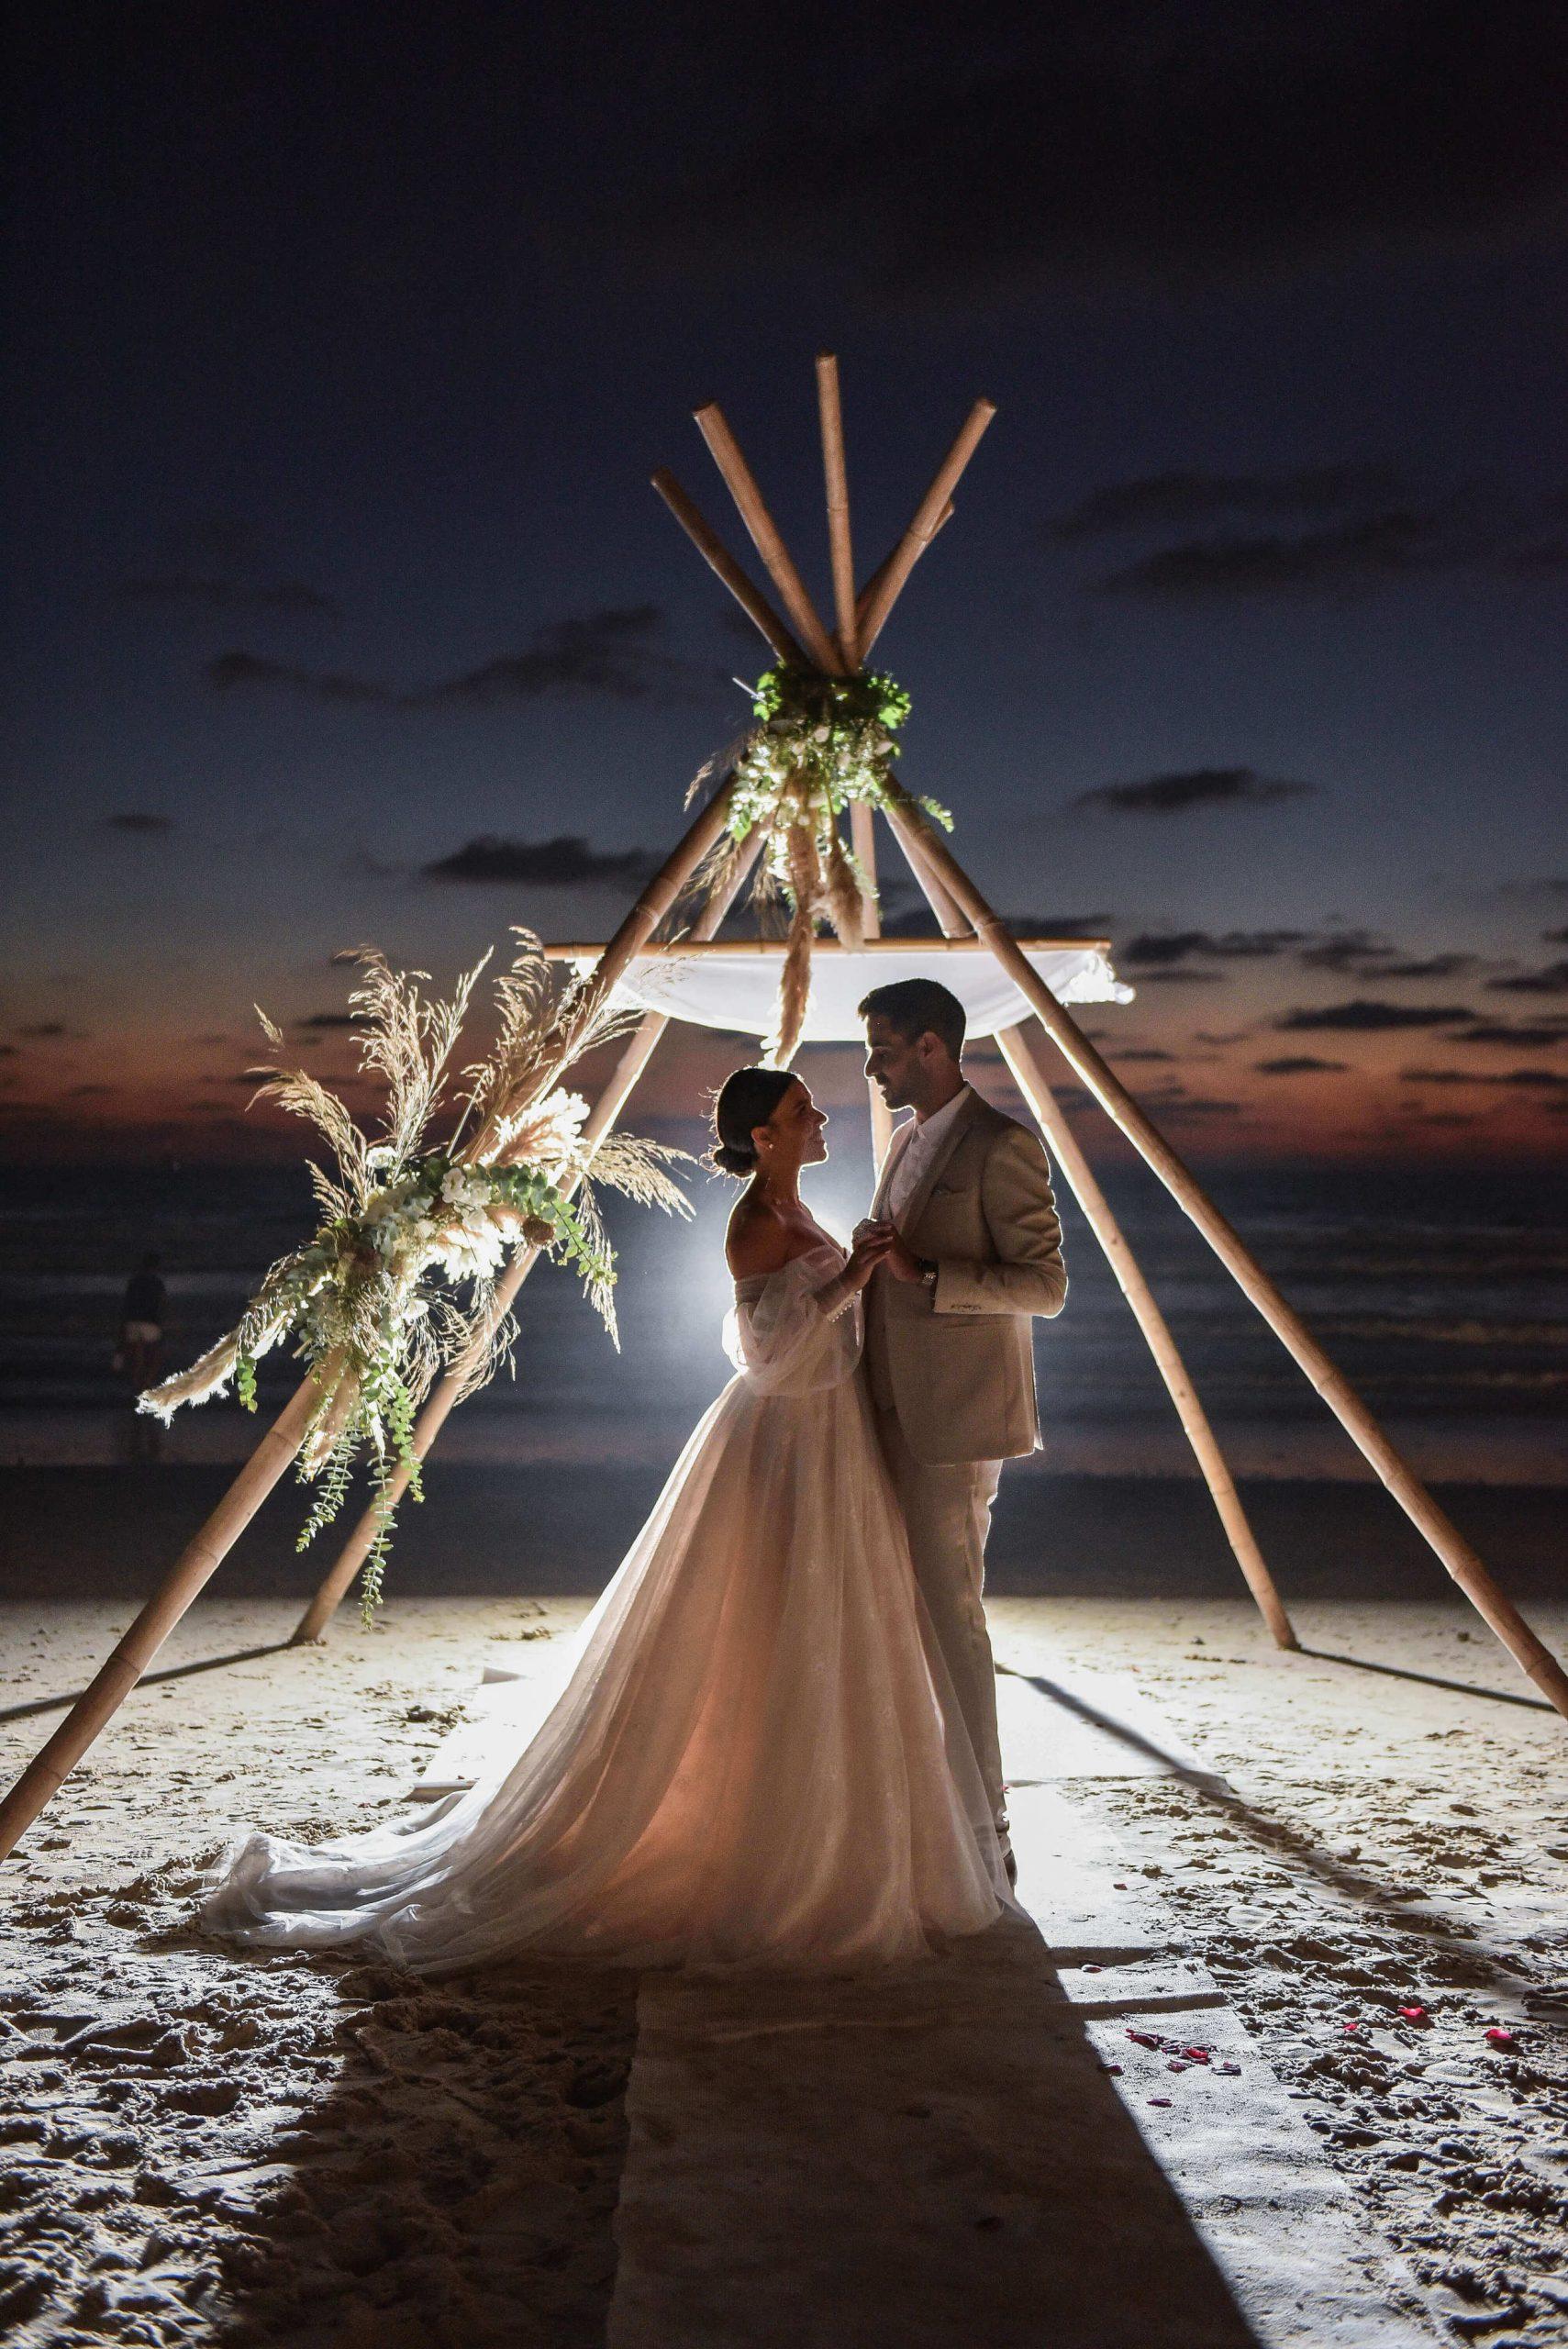 חתונה קטנה ומרגשת במסעדת חוף בהרצליה